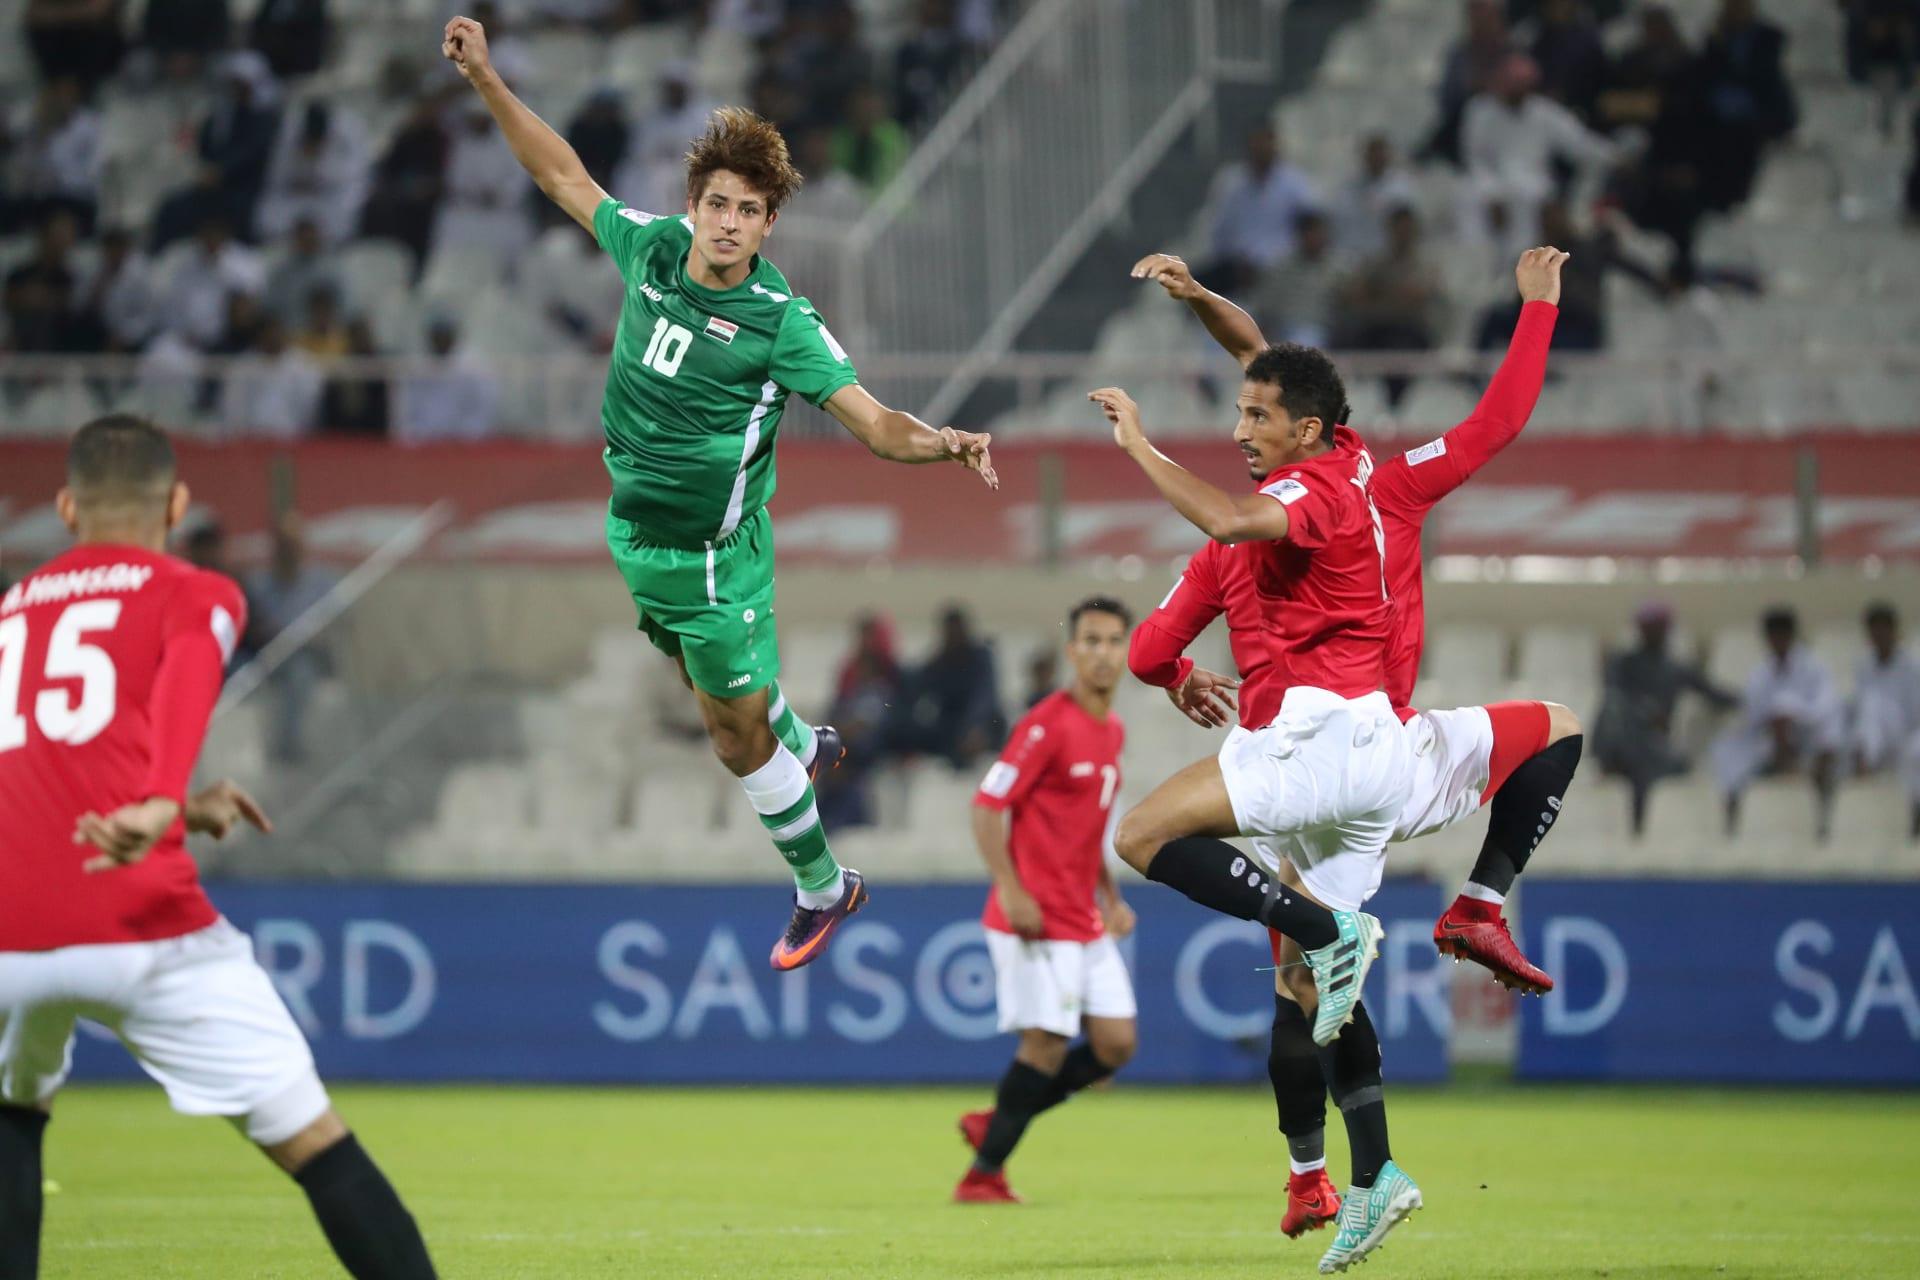 العراق يهزم اليمن ويضمن التأهل رفقة إيران في كأس آسيا